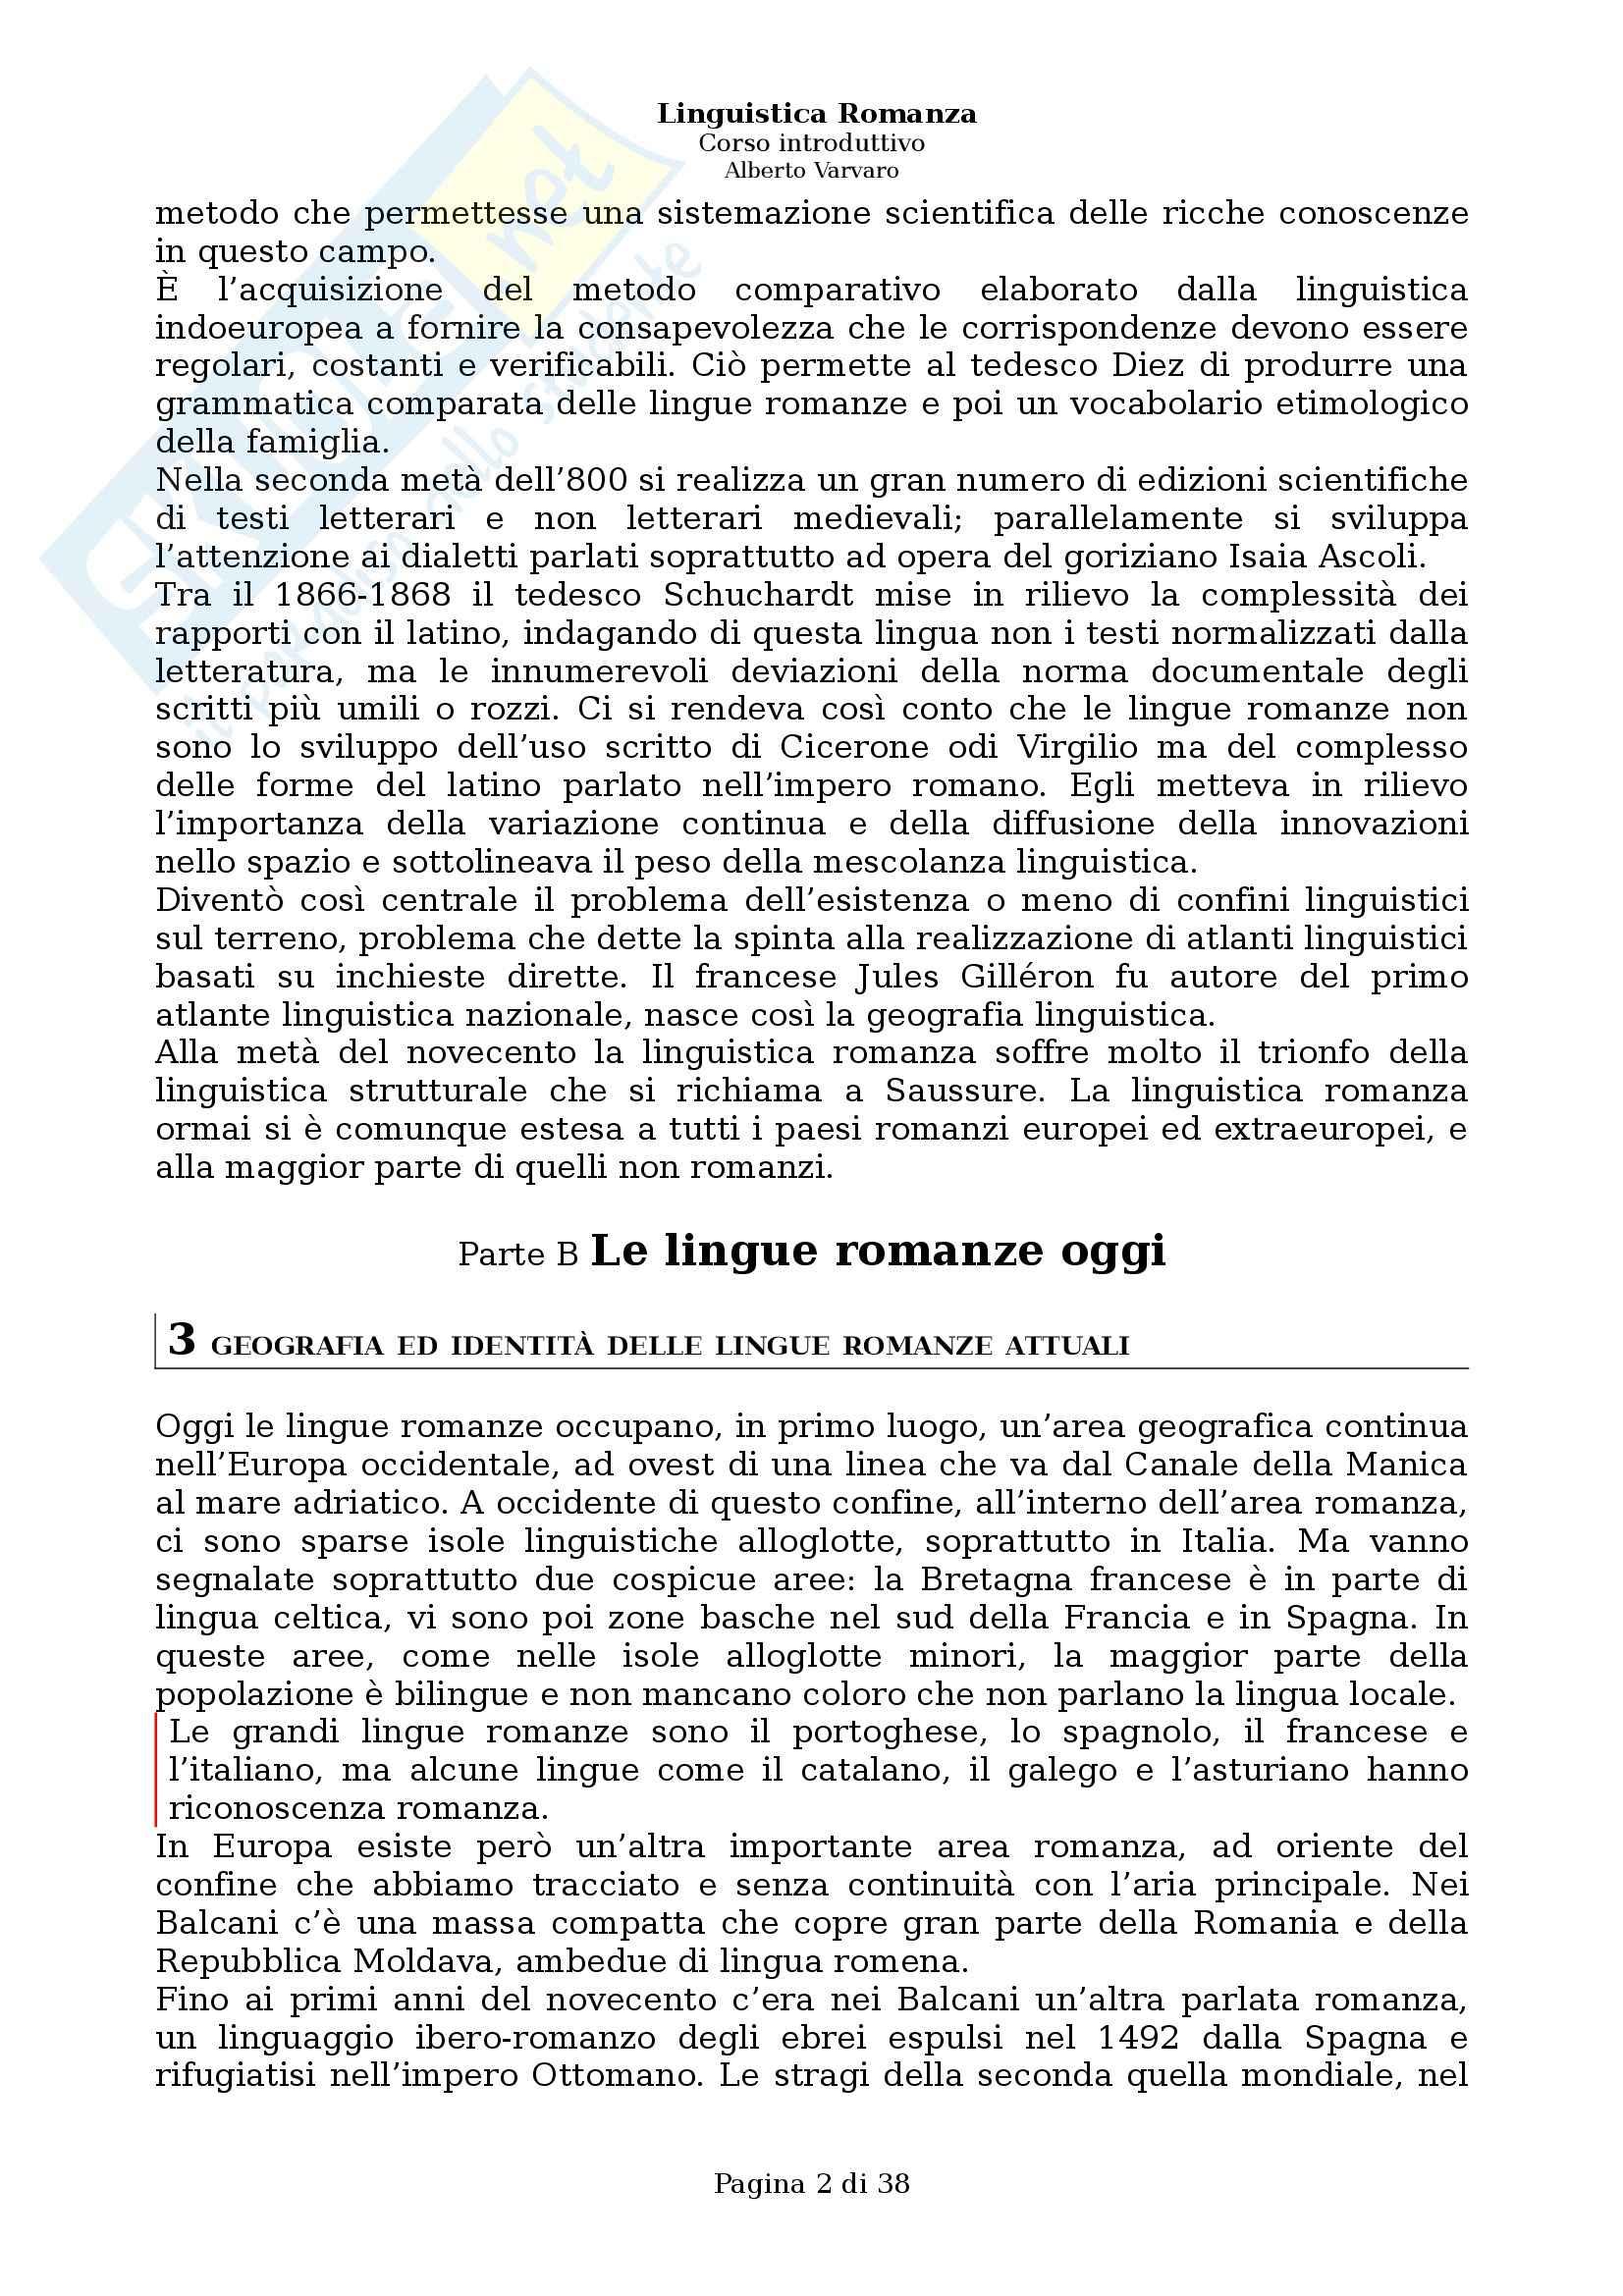 Riassunto esame Filologia e linguistica romanza, Linguistica romanza: Corso introduttivo, A. Varvaro, prof. Asperti Pag. 2